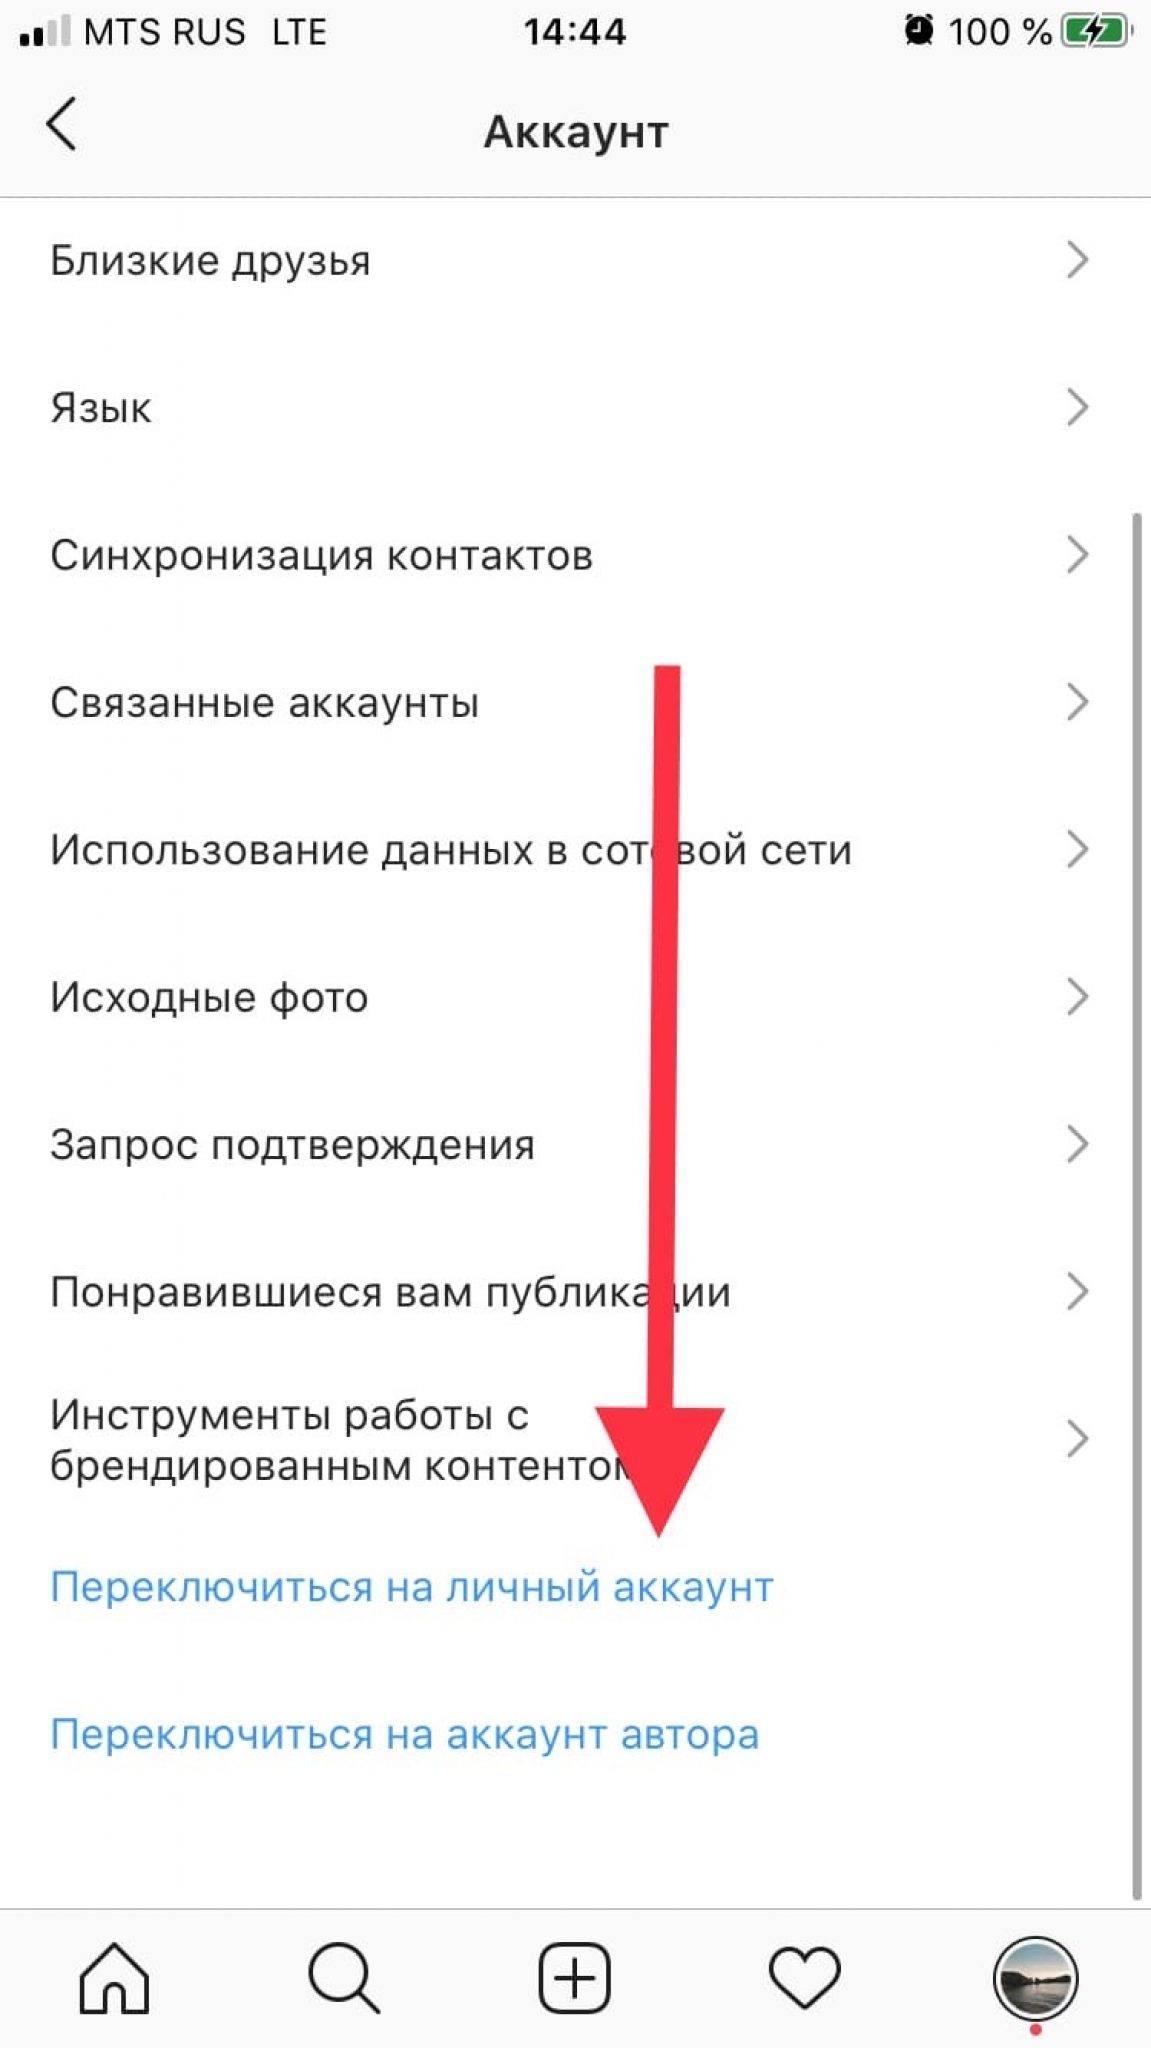 Как удалить сообщения в инстаграме: очистить переписку из директа, с телефона, на андроиде и айфоне